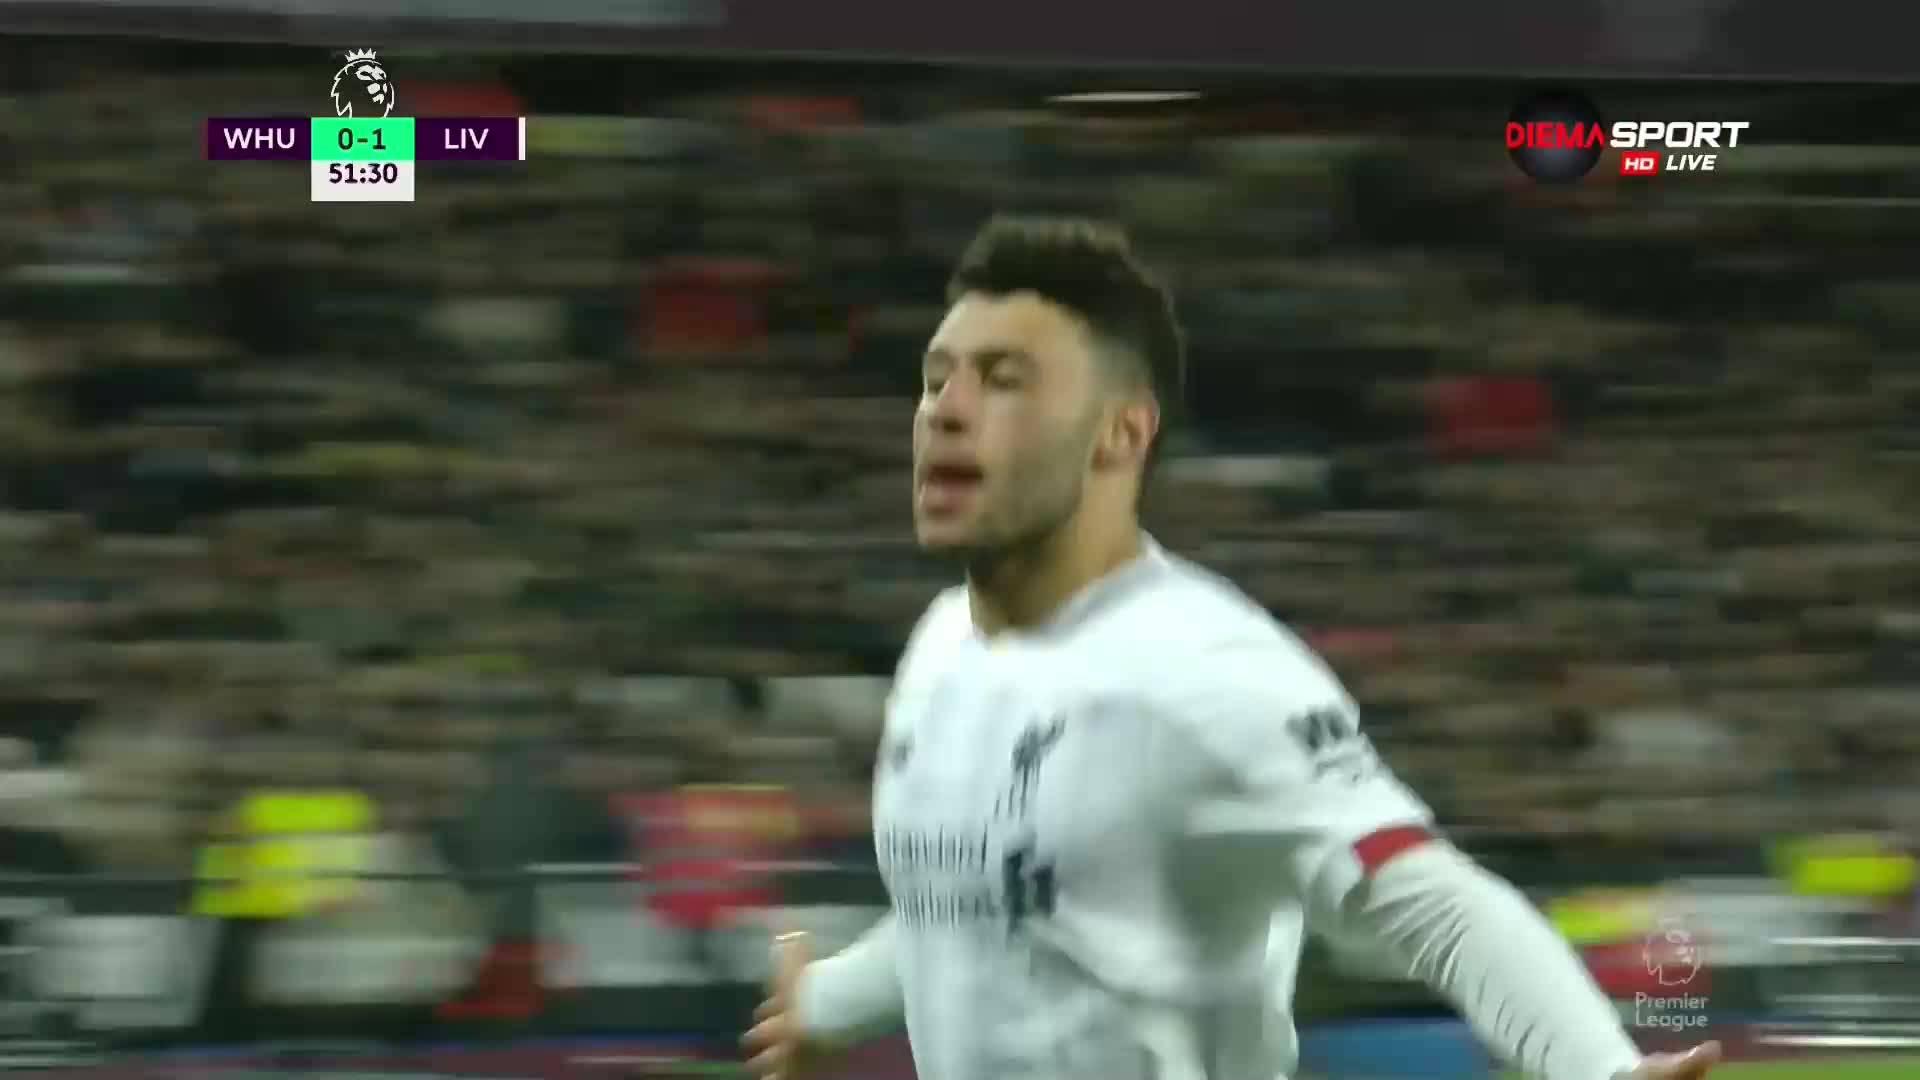 Втори гол за Ливърпул, Осклейд-Чембърлейн ликува